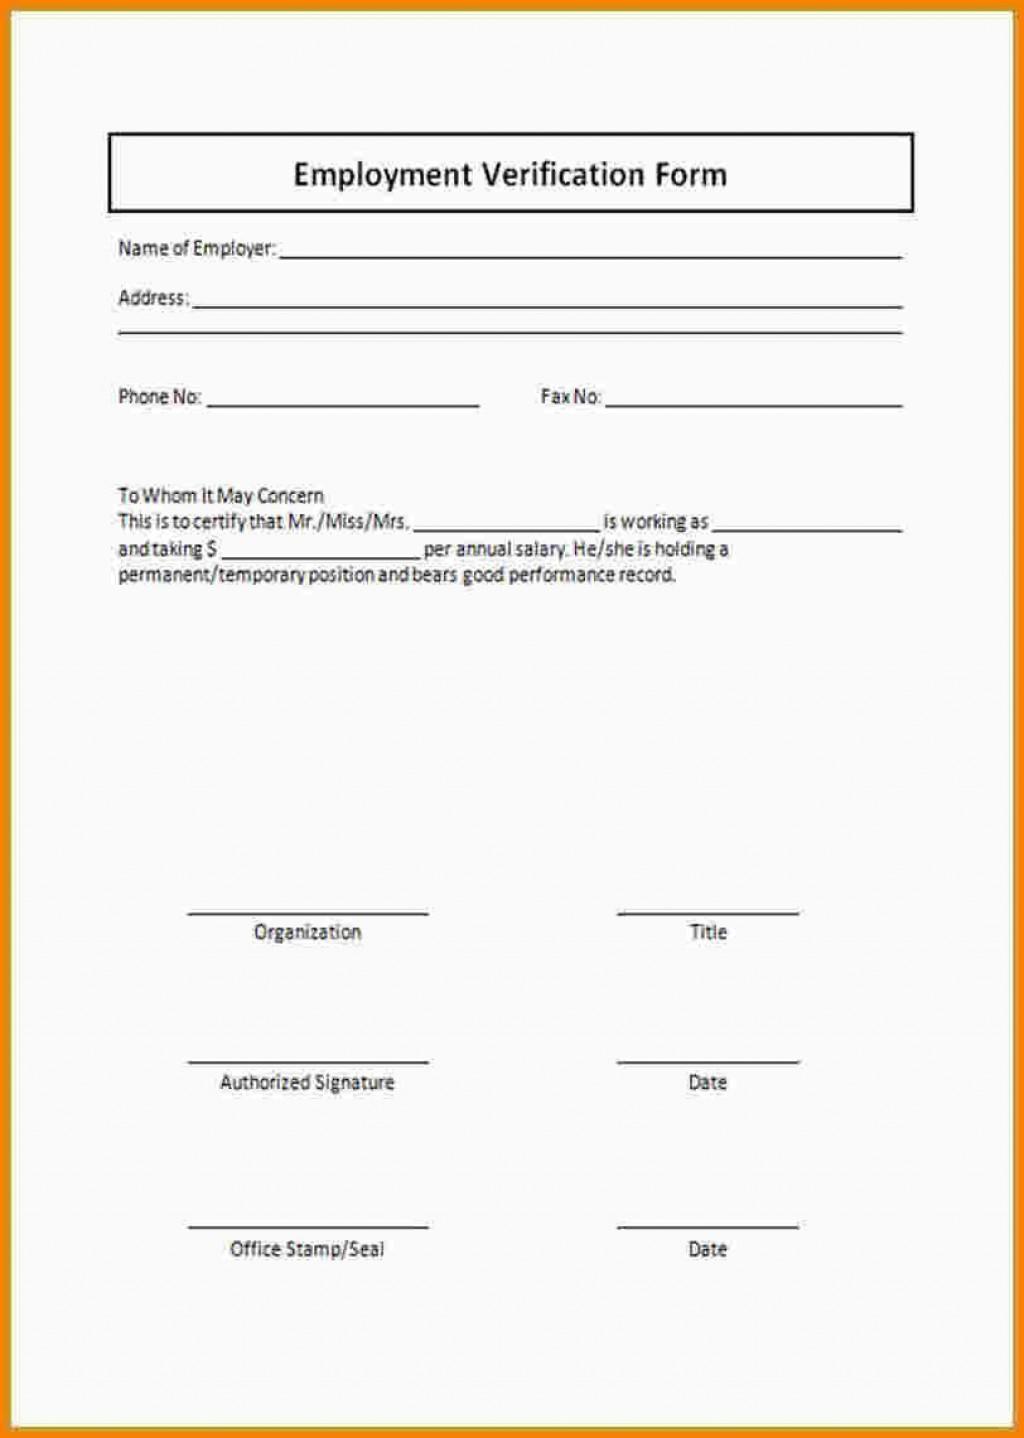 000 Unbelievable Employment Verification Form Template High Definition  Templates Previou Past PrintableLarge